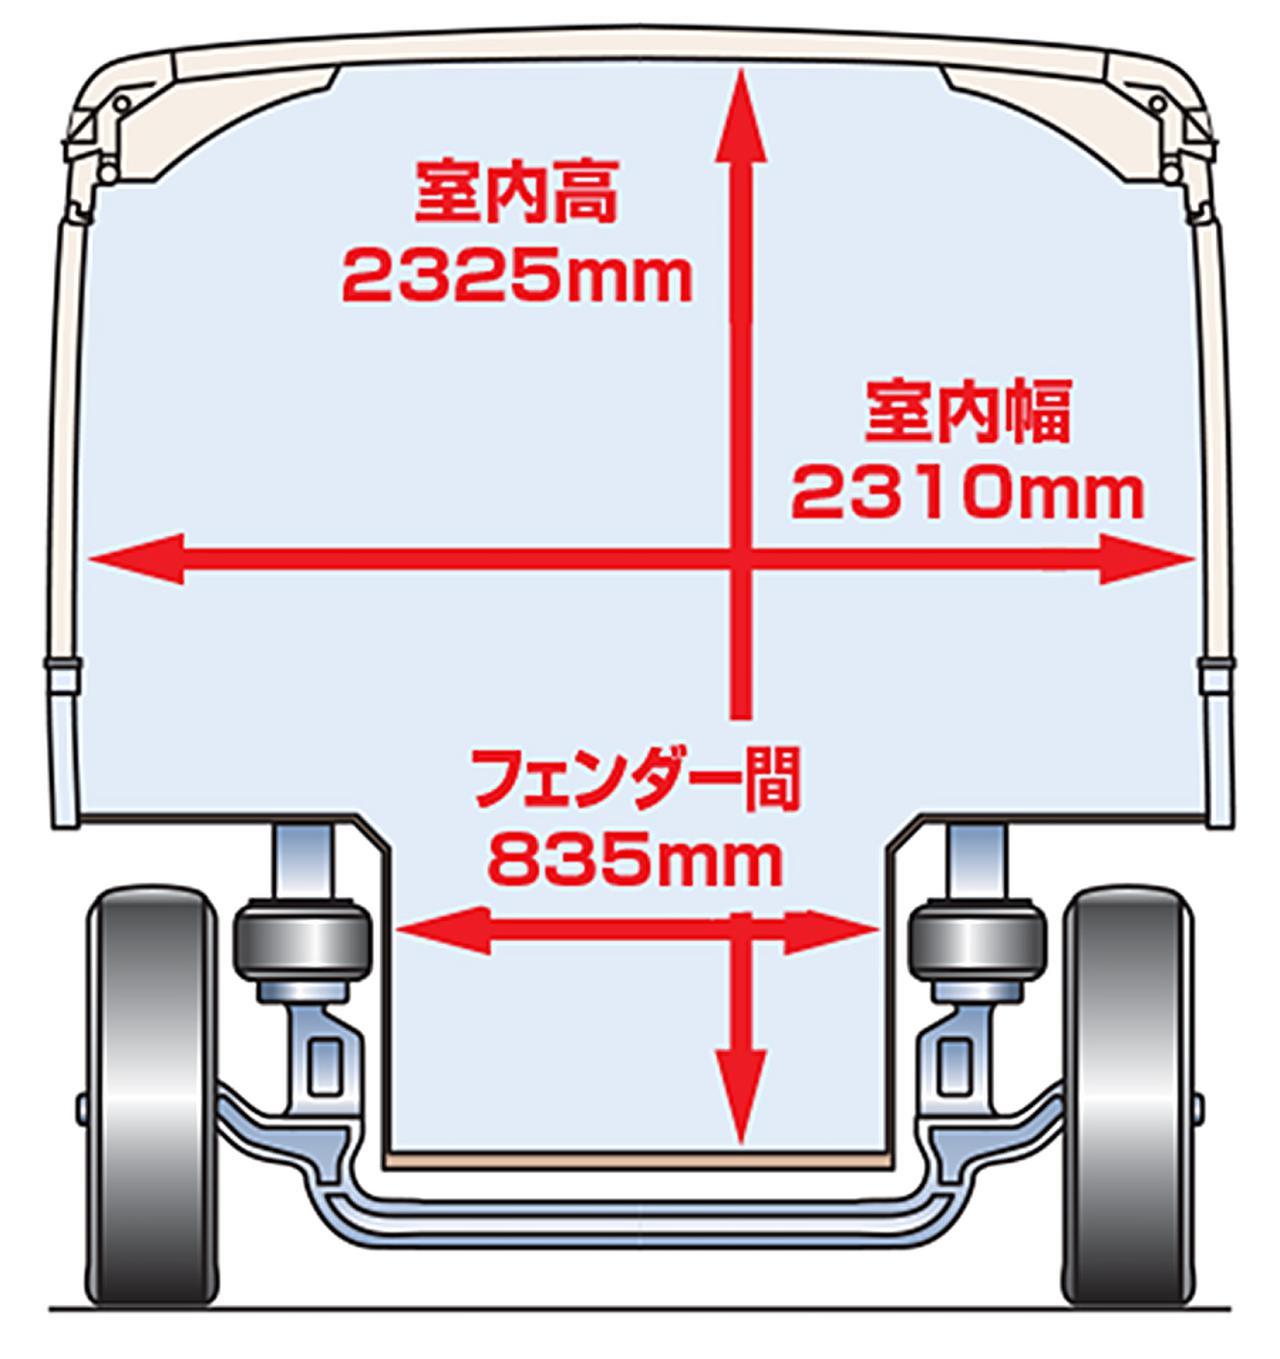 Images : 4番目の画像 - モンスターマシンに昂ぶる 13 路線バス - Webモーターマガジン